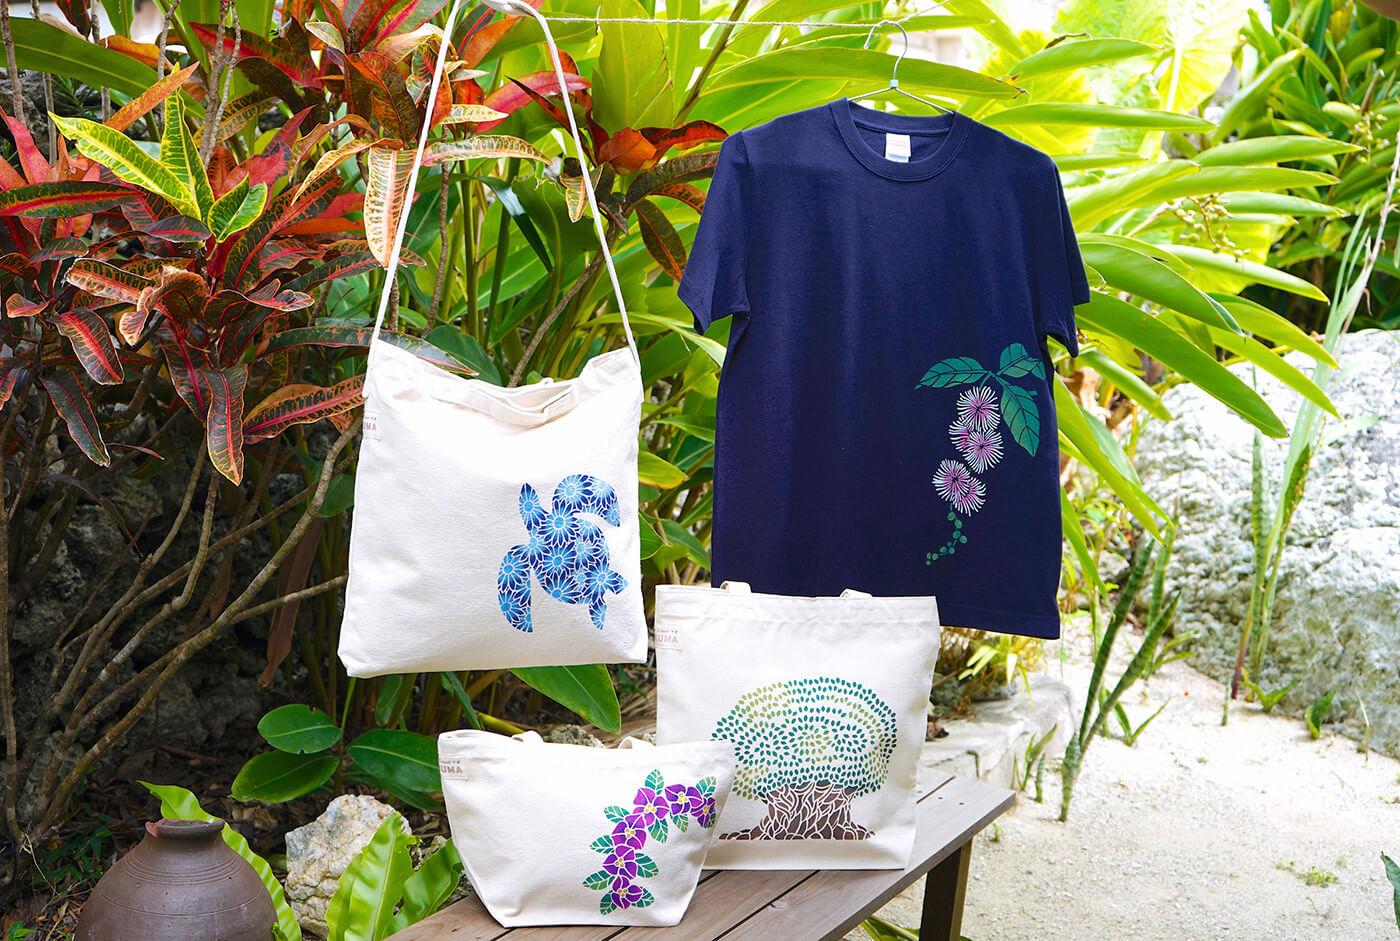 オリジナルデザインの型を使って染めあげられた、Tシャツ(2,500円~)やバッグ(1,600円~)は全て一点もの